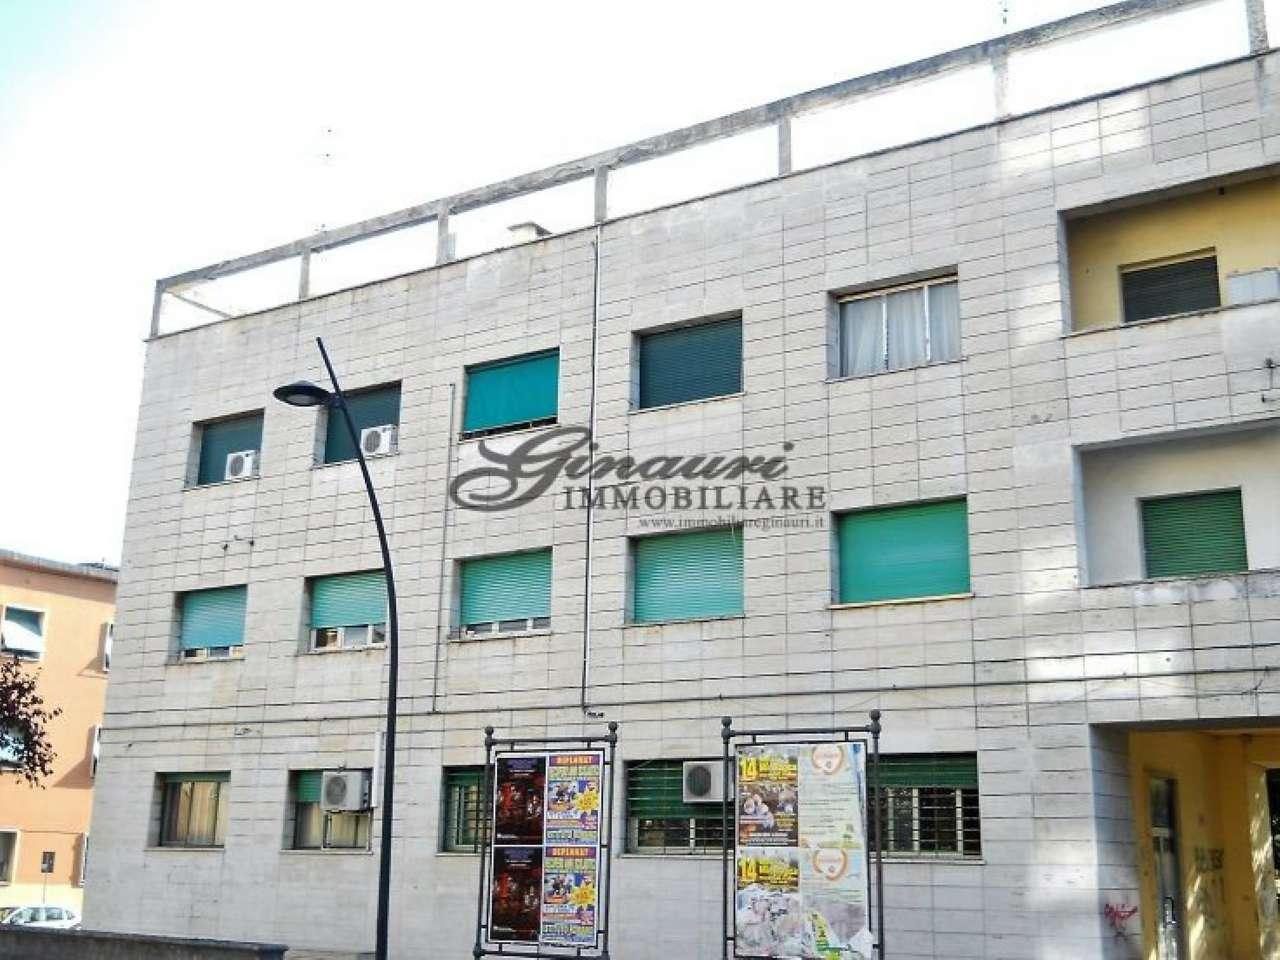 Appartamento in vendita a Guidonia Montecelio, 3 locali, prezzo € 75.000 | CambioCasa.it